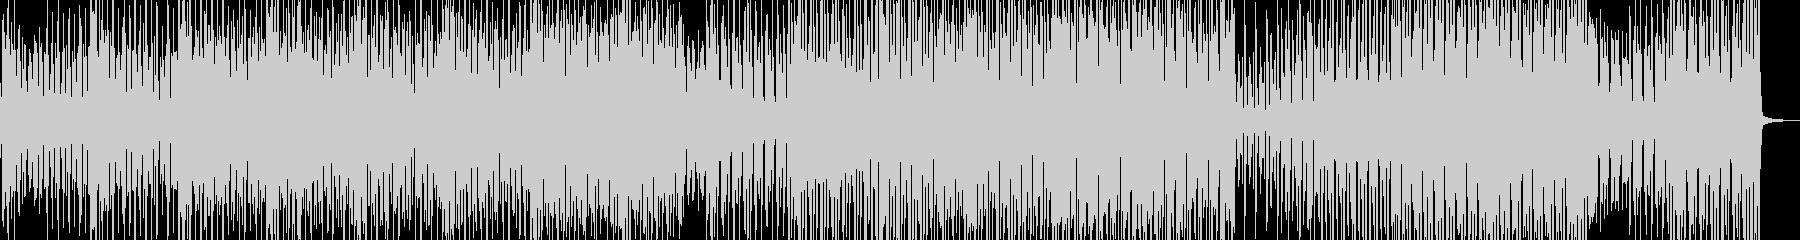 クせになるハイテンション三味線テクノ Bの未再生の波形